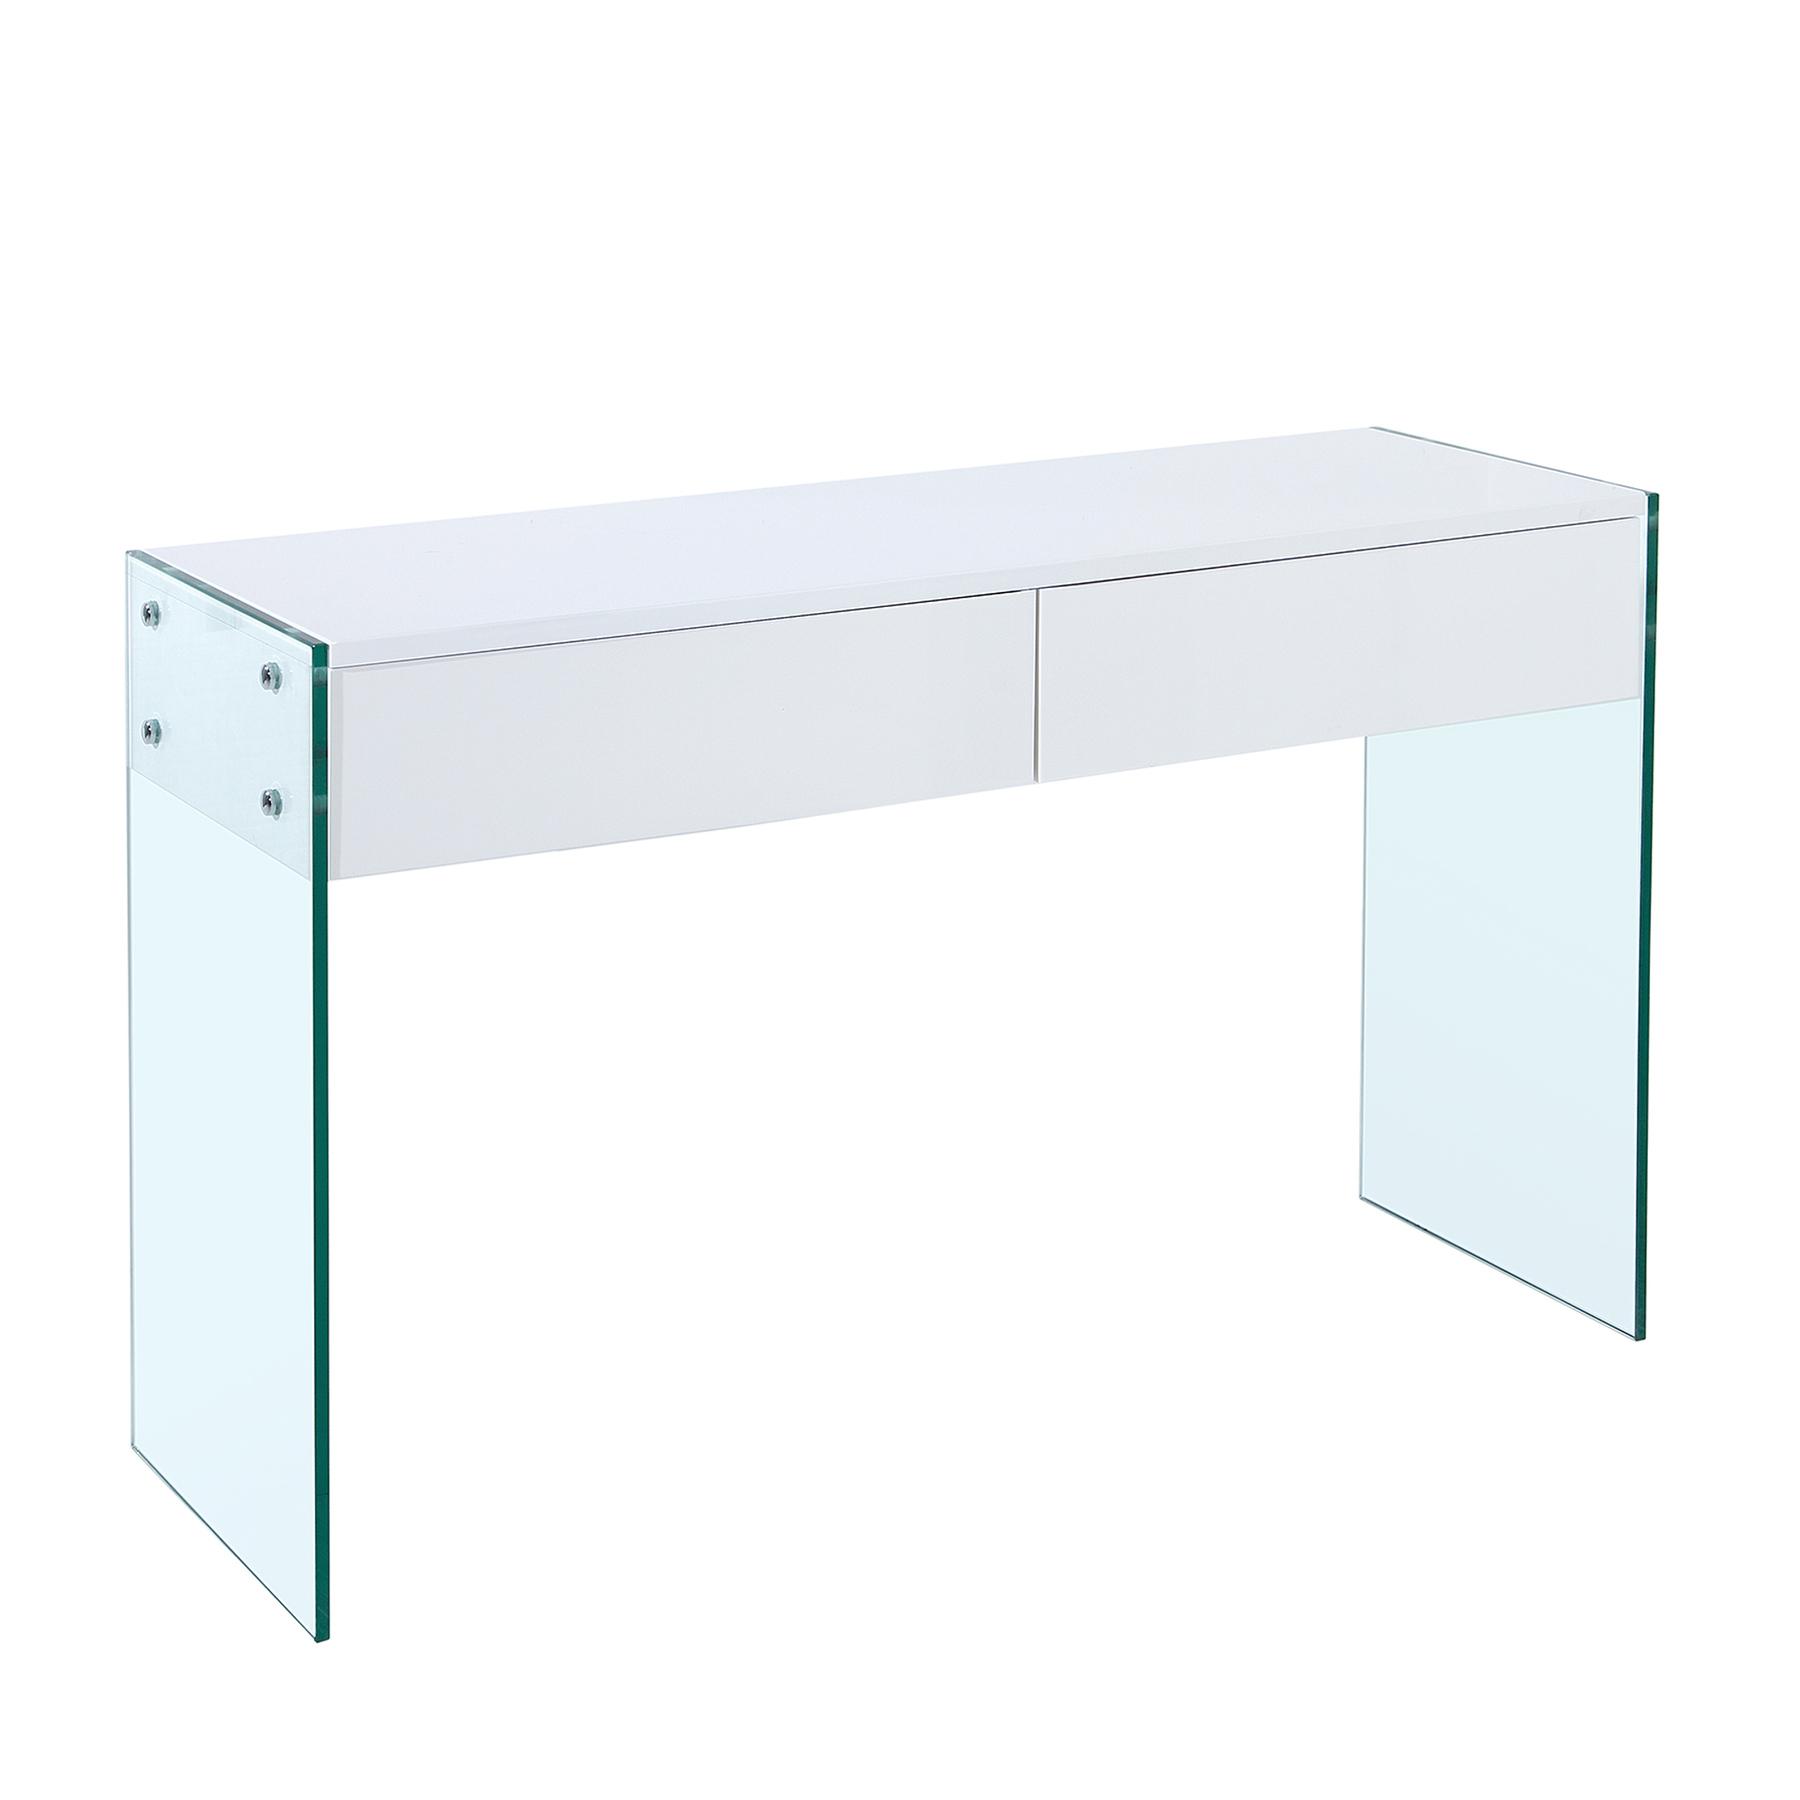 design konsole floating wei hochglanz glas komposition sekret r 2 schubladen ebay. Black Bedroom Furniture Sets. Home Design Ideas